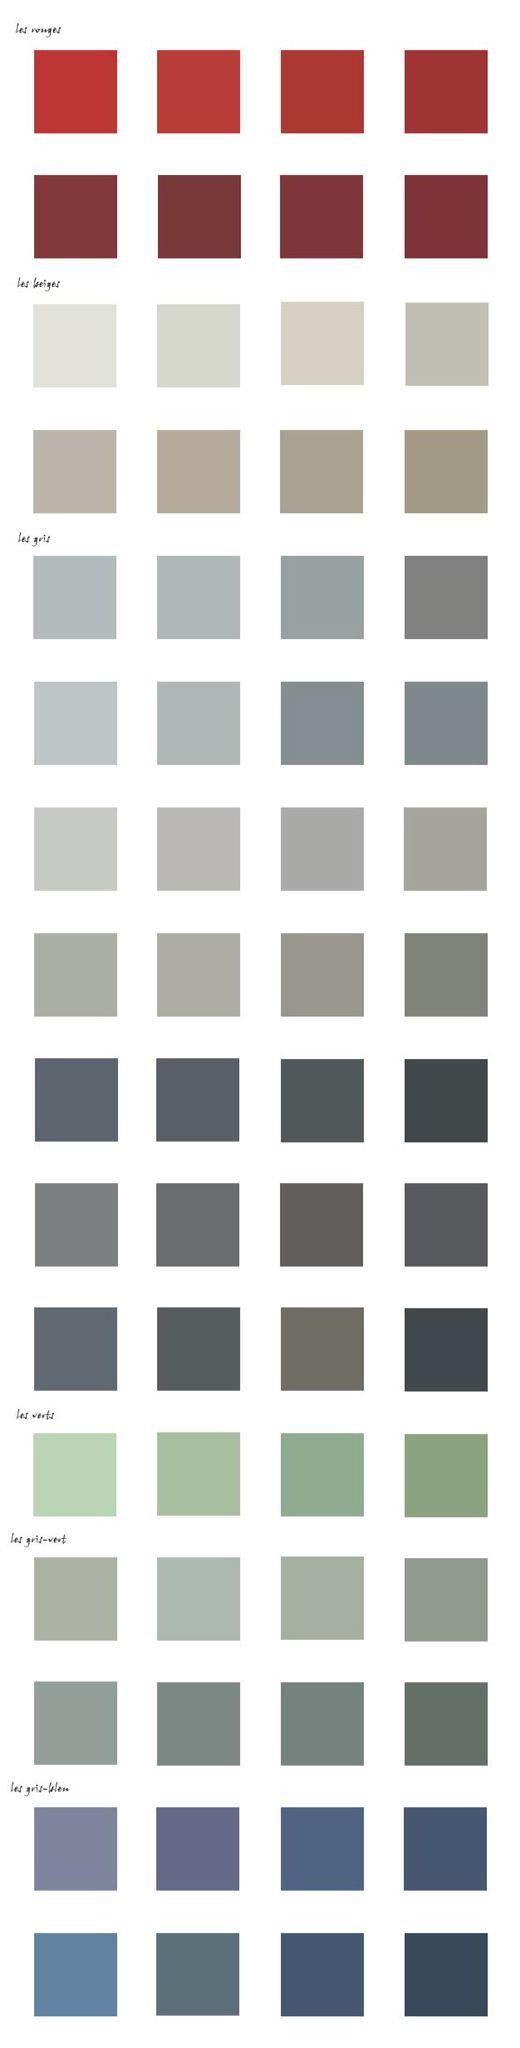 Historiquement, les couleurs utilisées pour les menuiseries se sont éclaircies au cours des siècles. Ainsi il convient d'utiliser des teintes soutenues (gris-vert ou gris-bleu sombres ; rouge sang de bœuf) pour le bâti datant d'avant le XIXe siècle, alors que des teintes plus claires (gris, gris-vert , gris-bleu clairs, mastic) sont à privilégier pour le bâti du XIXe siècle et de la première moitié du XXe siècle.